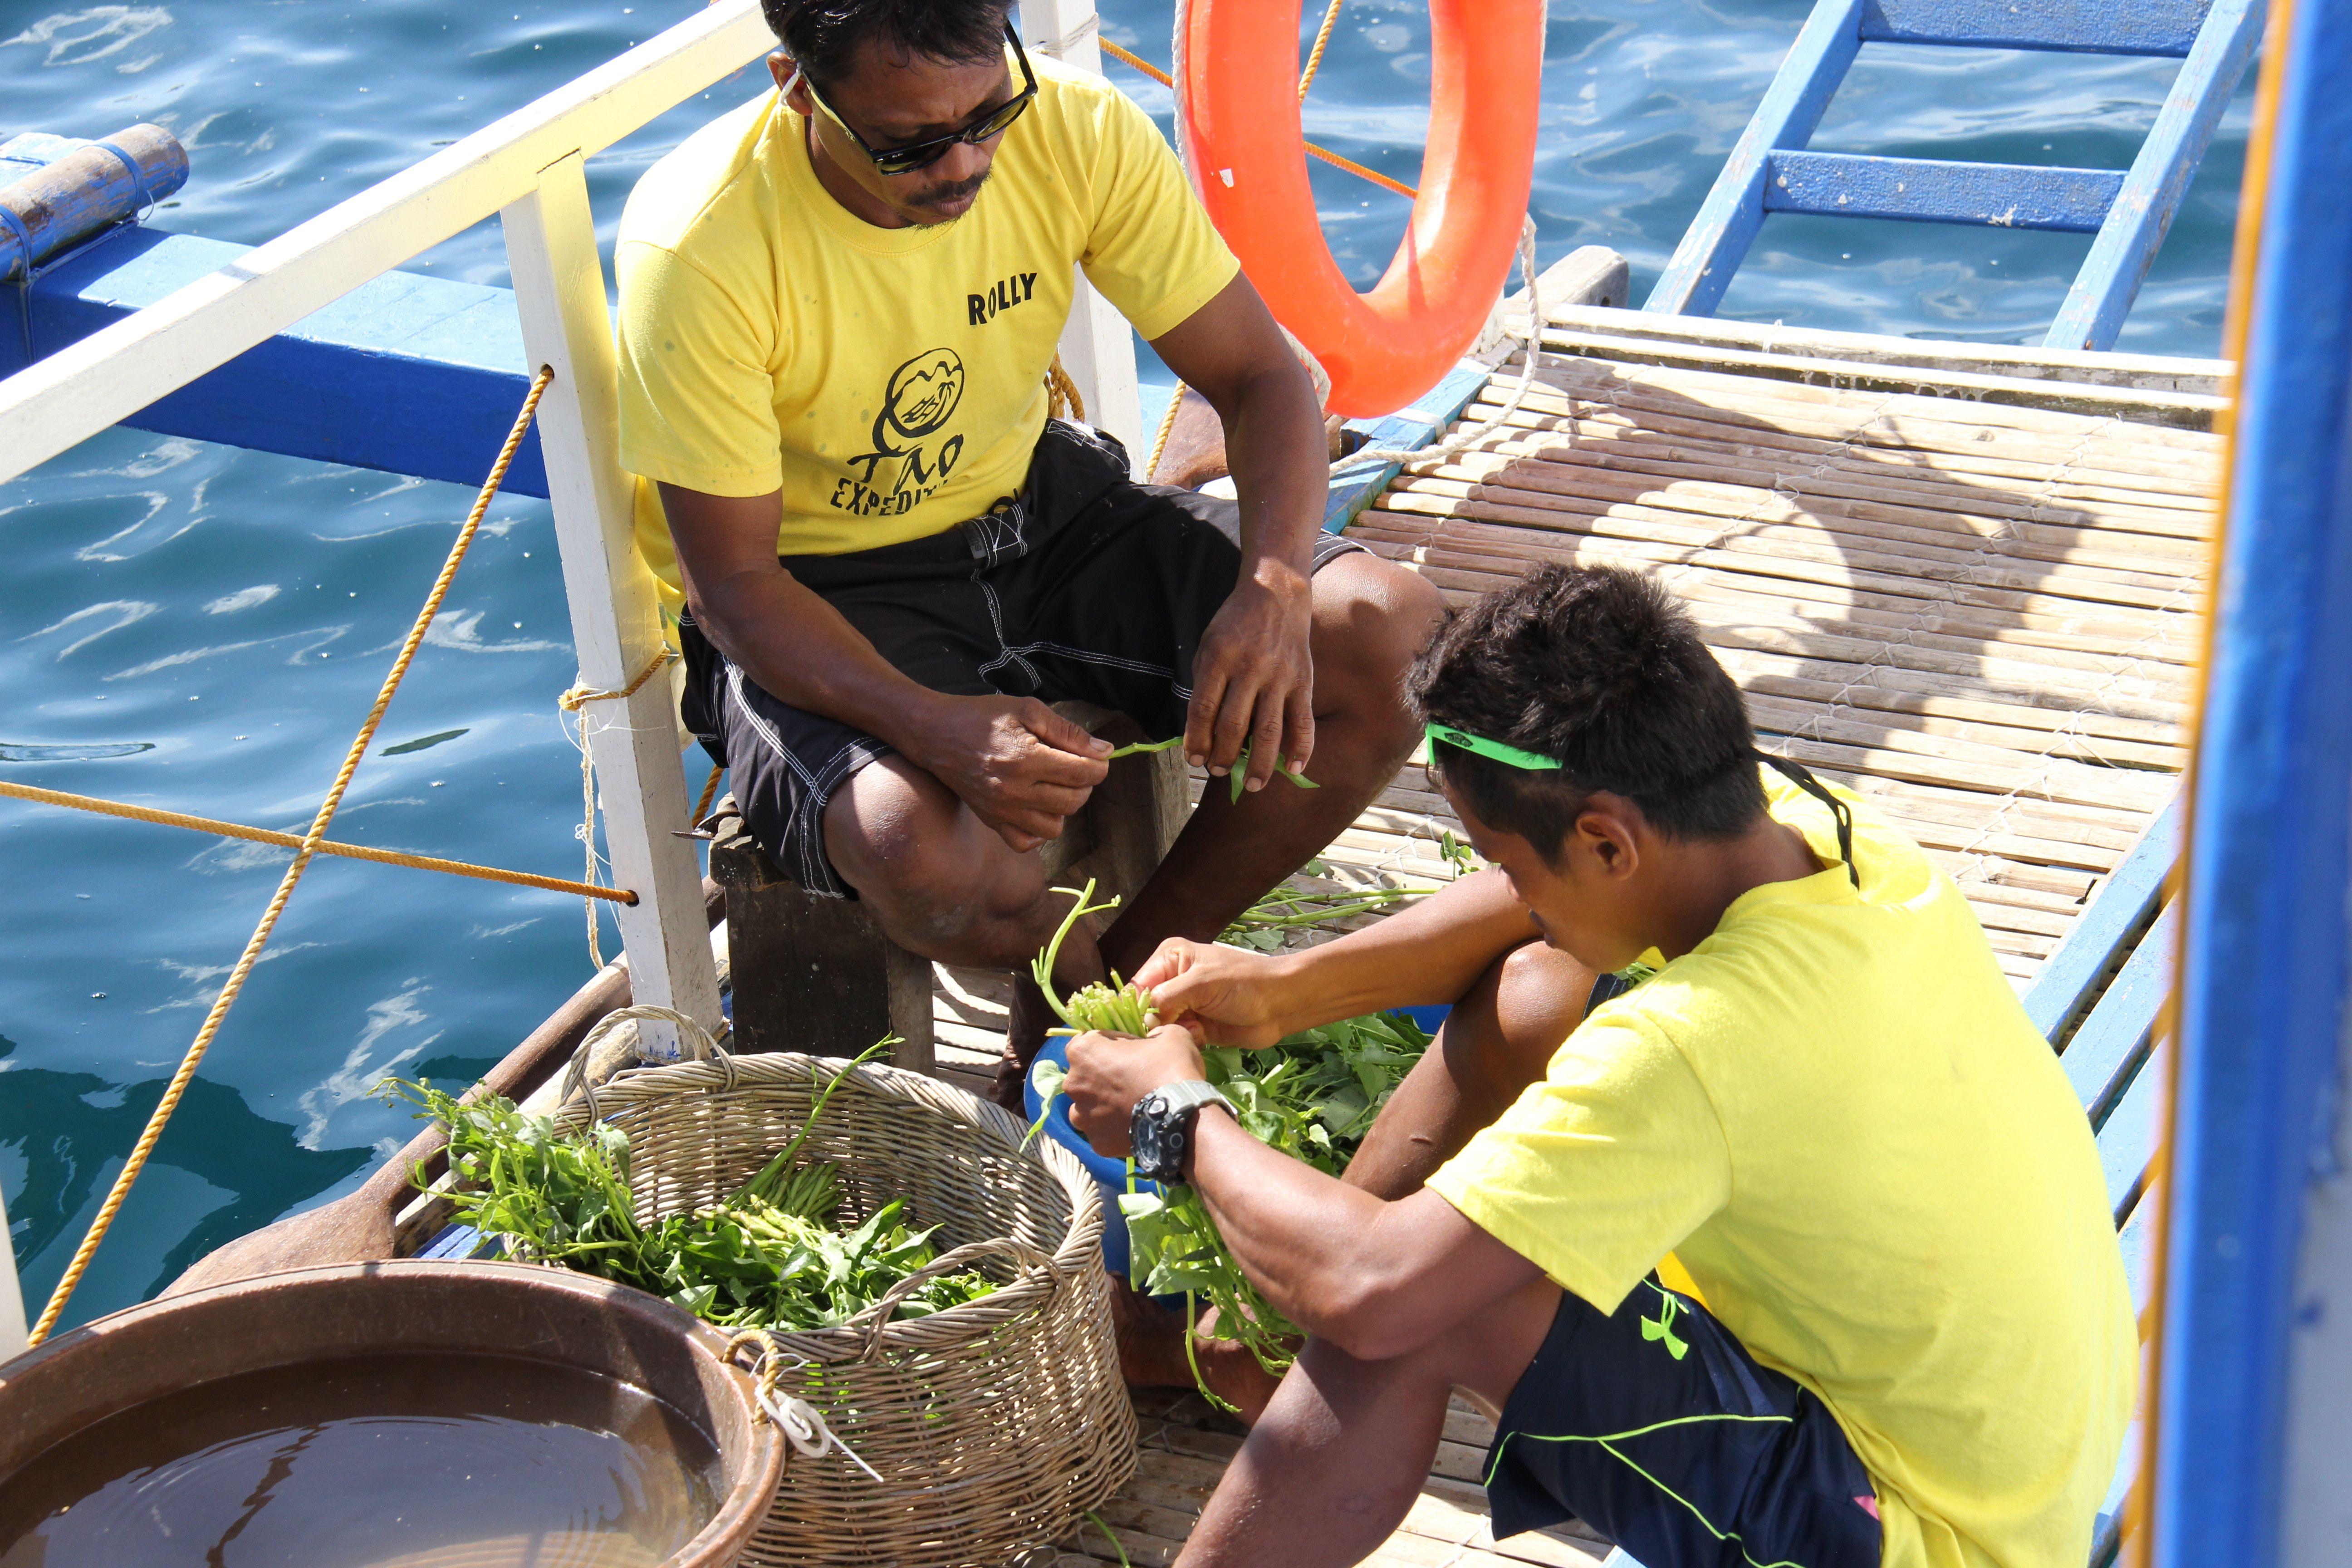 L'équipage Tao expeditions préparant des légumes